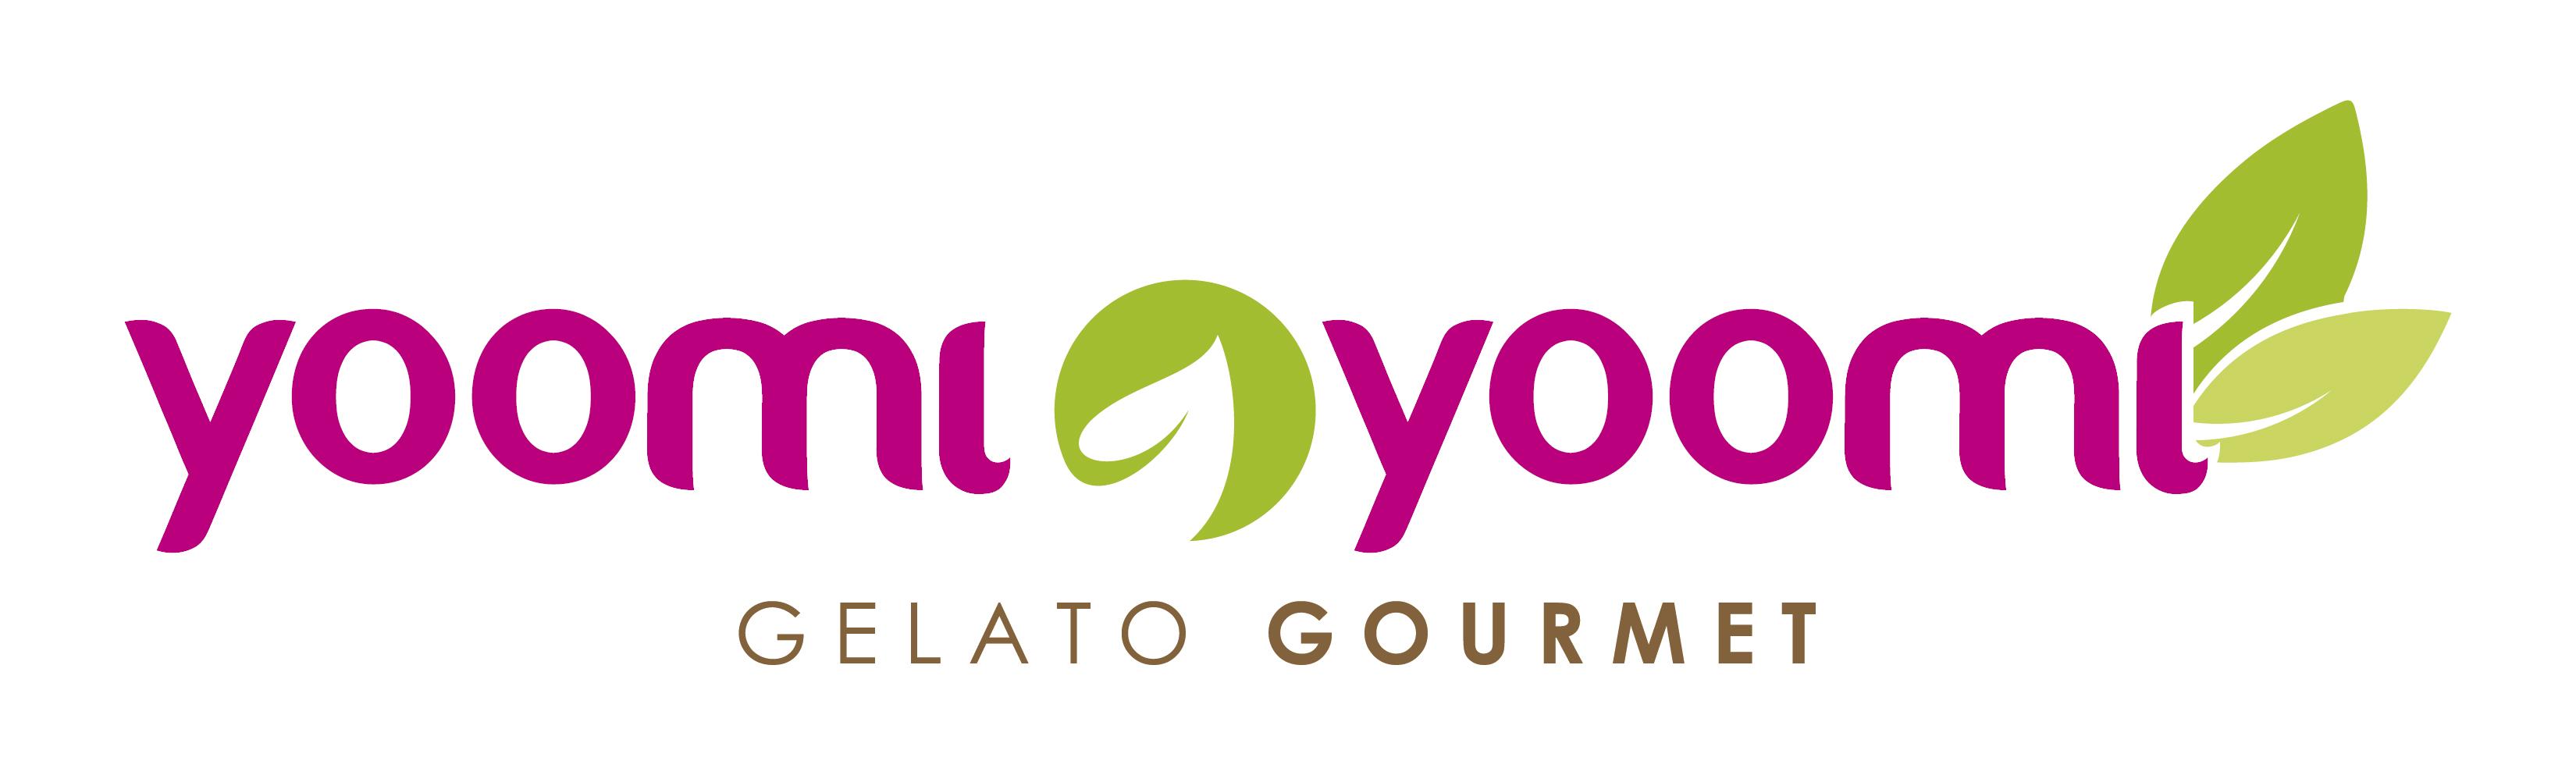 YOOMI YOOMI - GELATO GOURMET